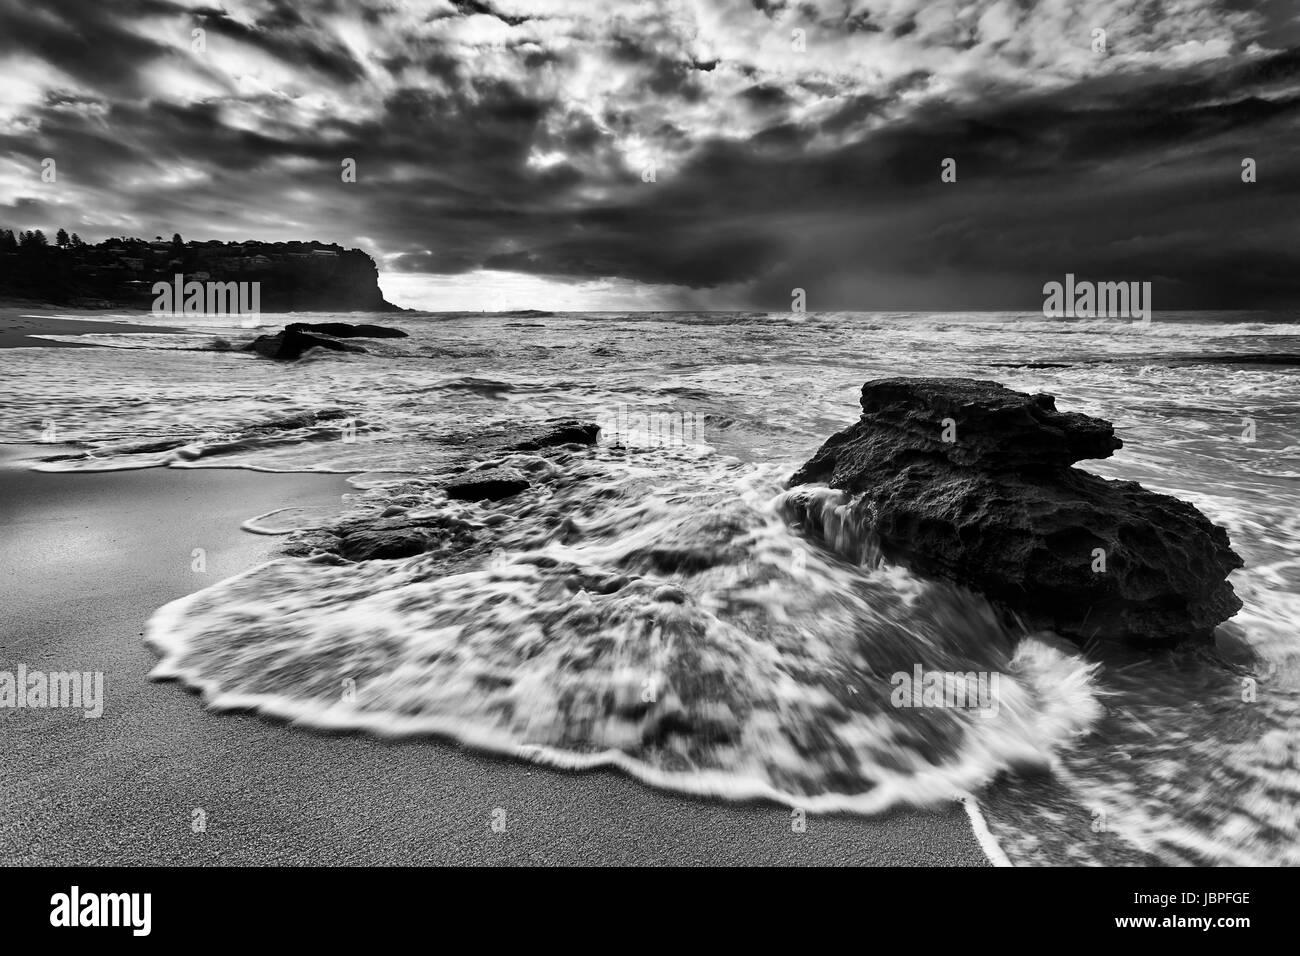 Flujo rápido del maremoto desborda de arenisca en Boulder Bungan arenosa playa playas del norte de Sydney al Imagen De Stock